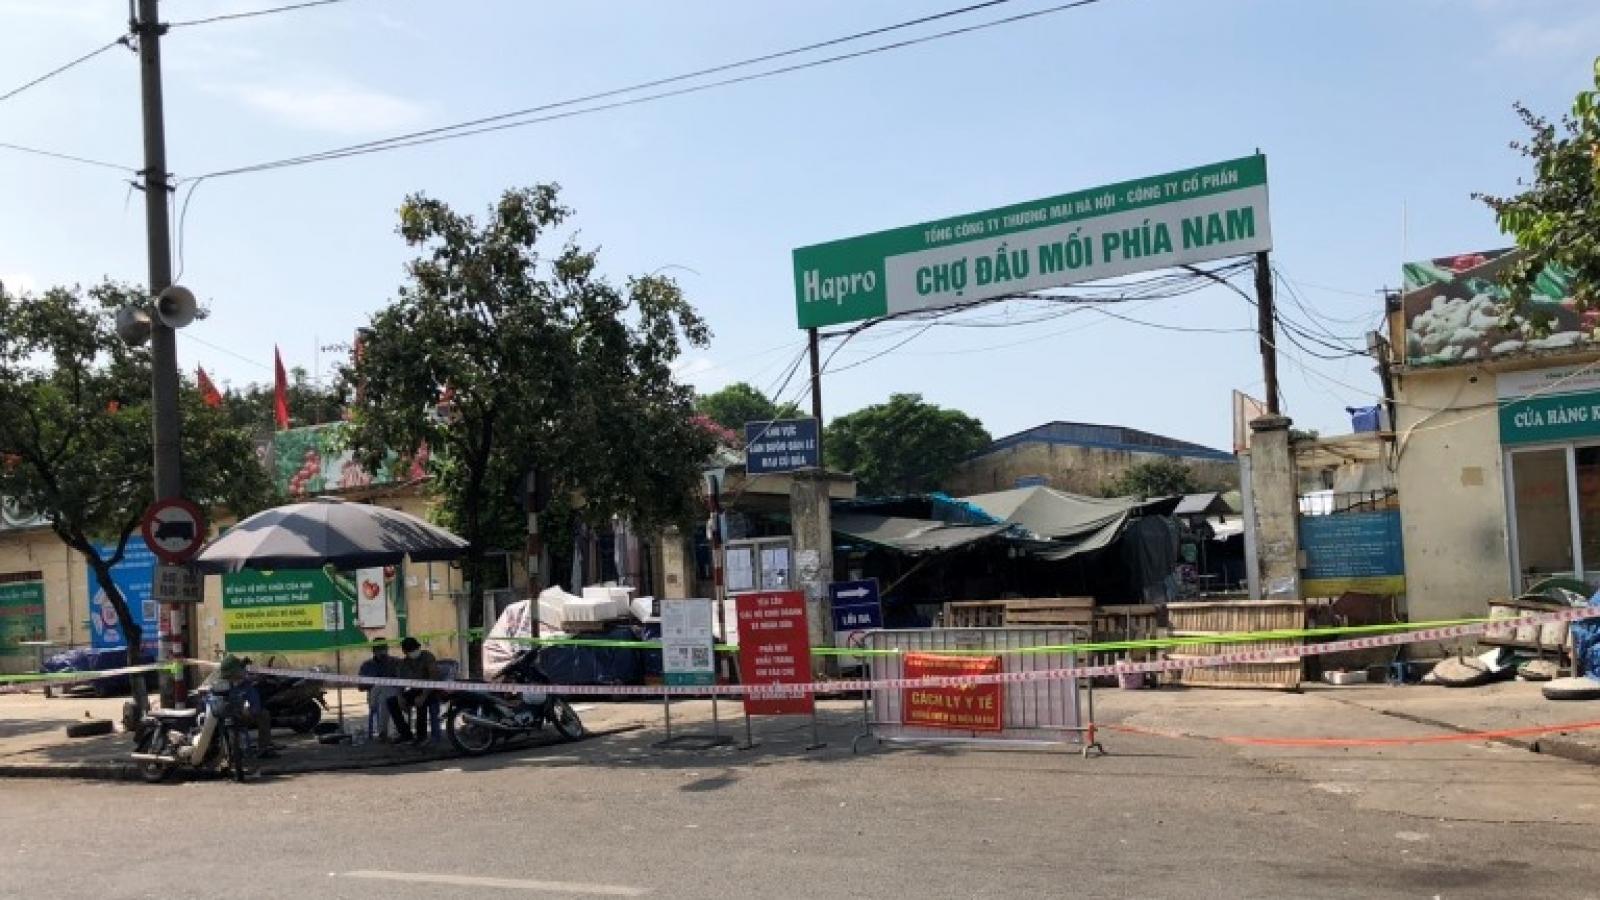 Hà Nội tạm thời phong tỏa chợ đầu mối phía Nam